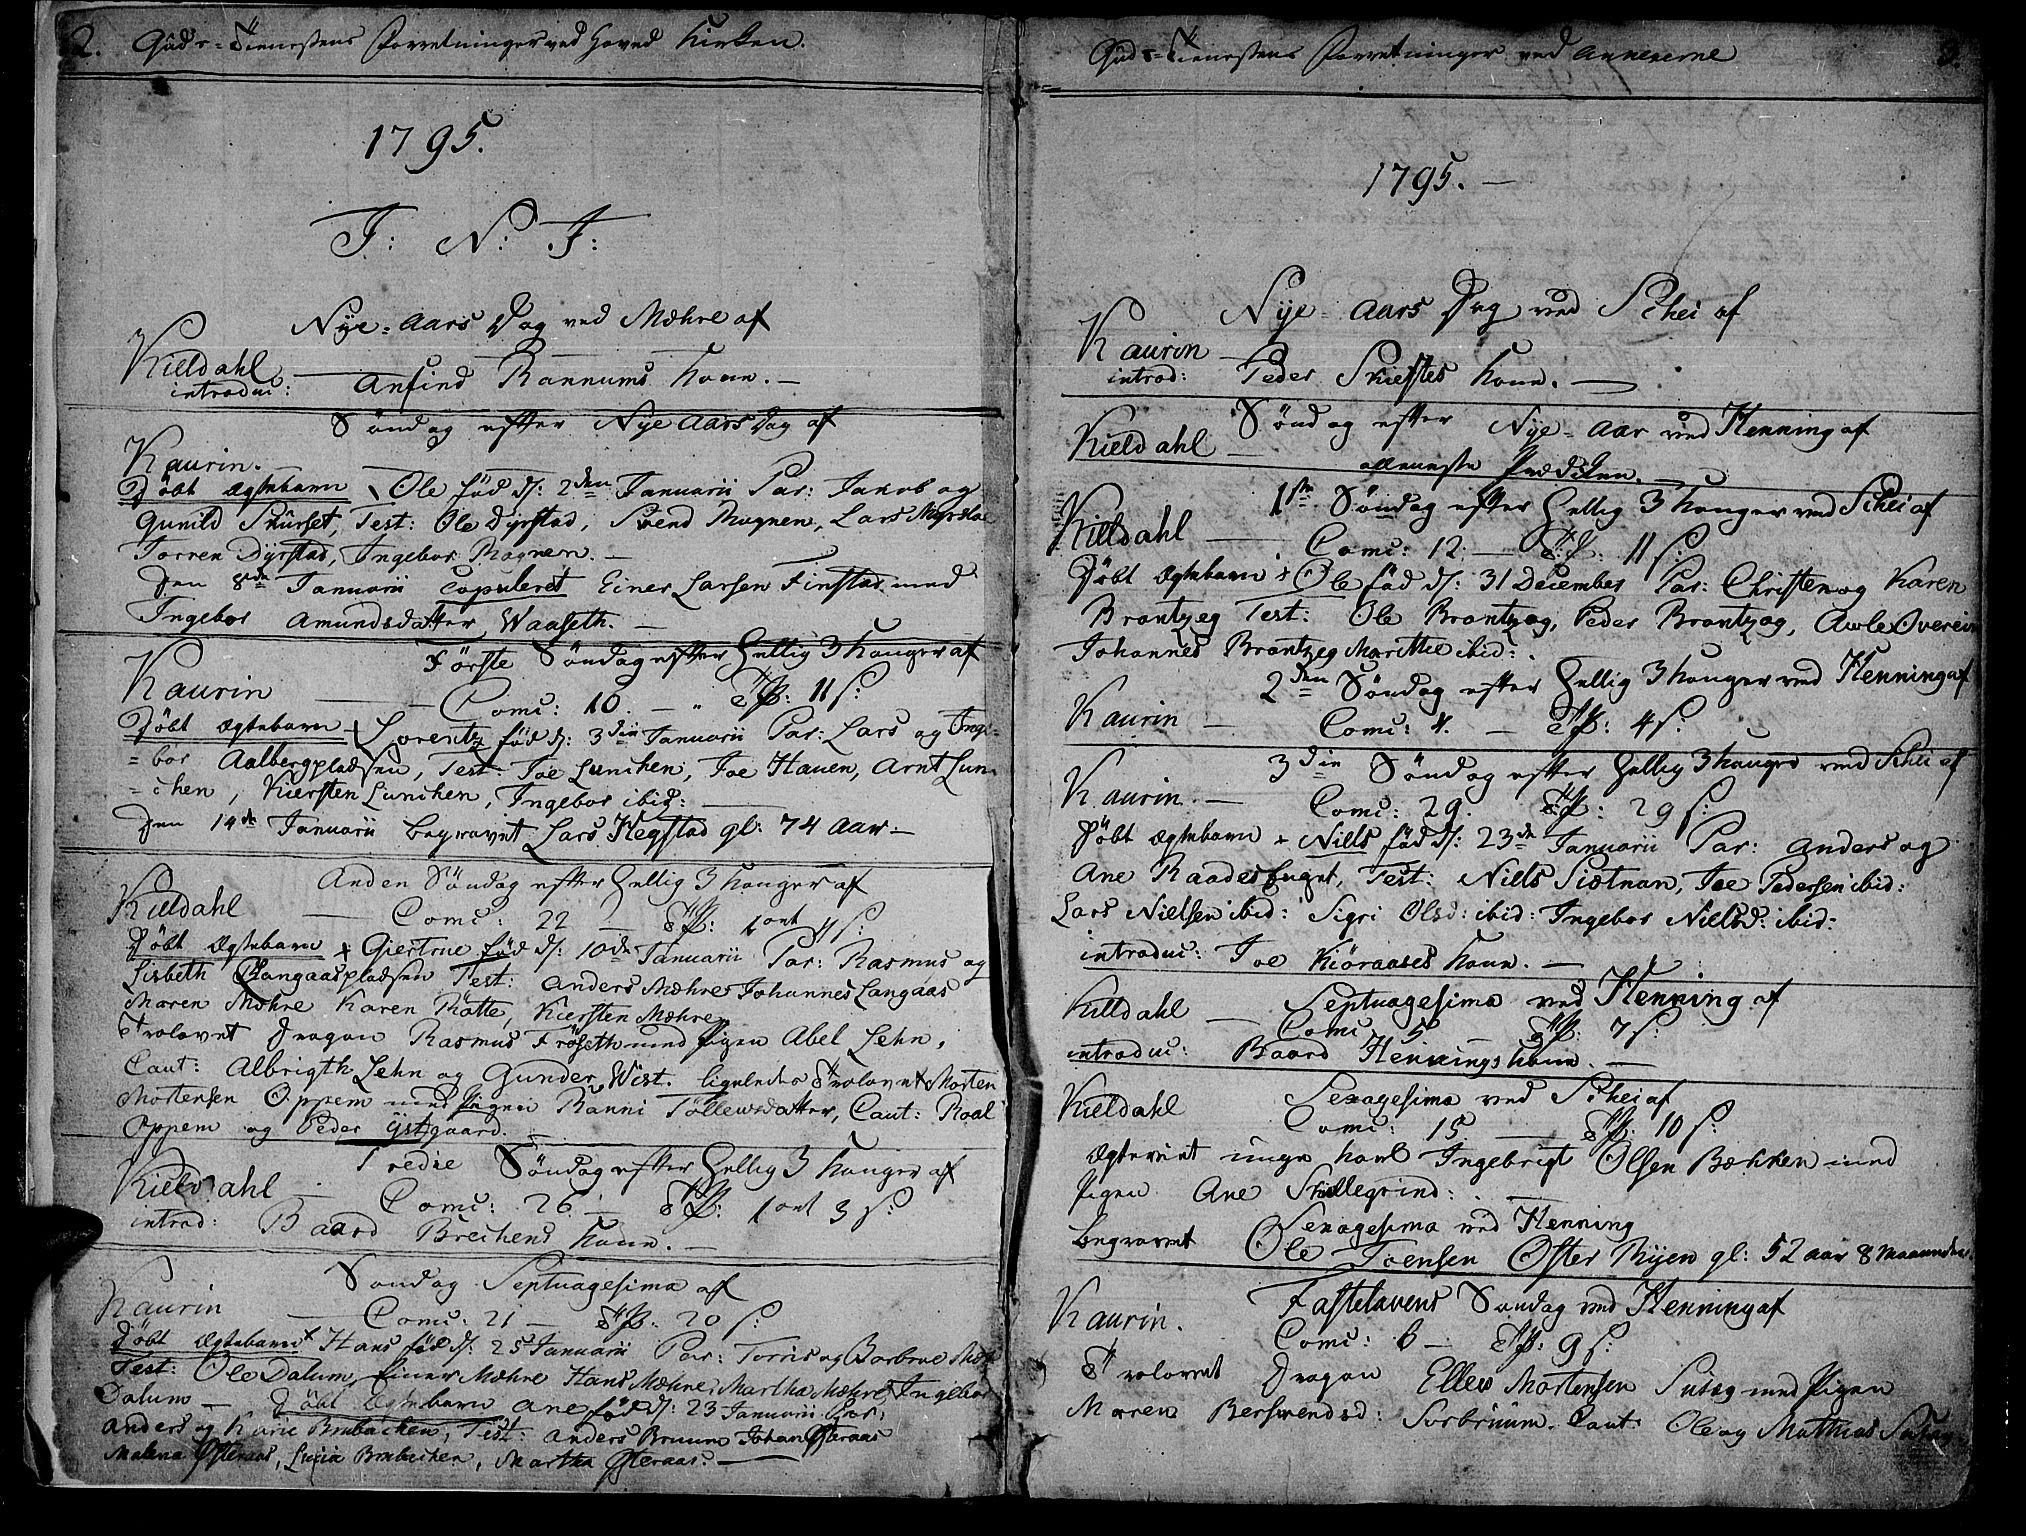 SAT, Ministerialprotokoller, klokkerbøker og fødselsregistre - Nord-Trøndelag, 735/L0332: Ministerialbok nr. 735A03, 1795-1816, s. 2-3